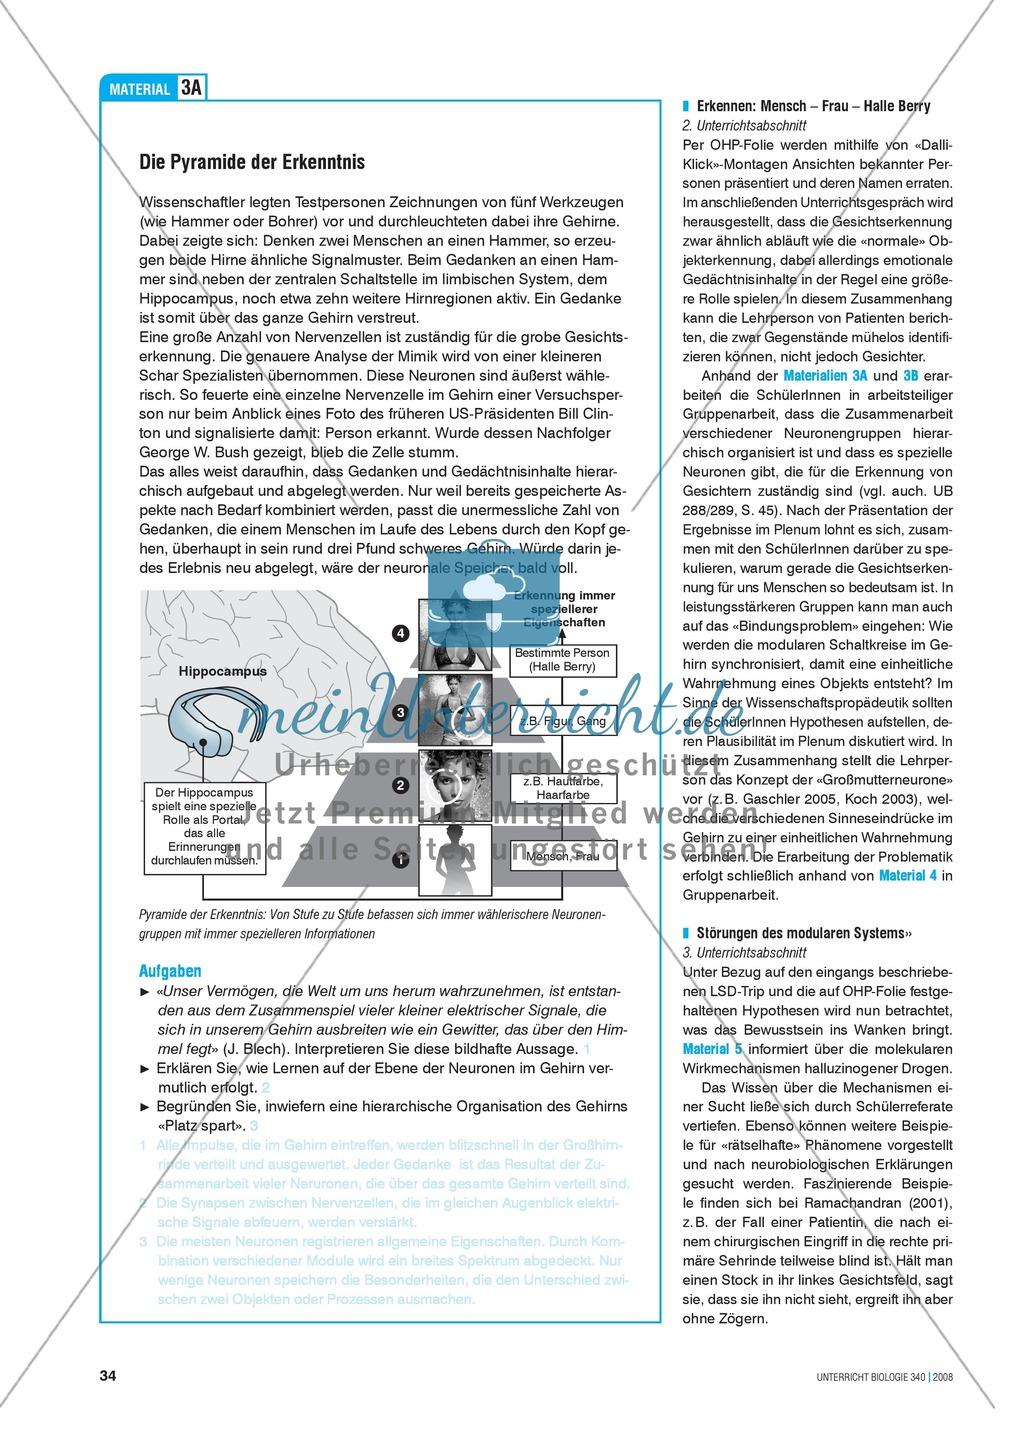 Kompartimentierung: Vernetzung im Gehirn - Gesichtserkennung durch Neuronen Preview 3